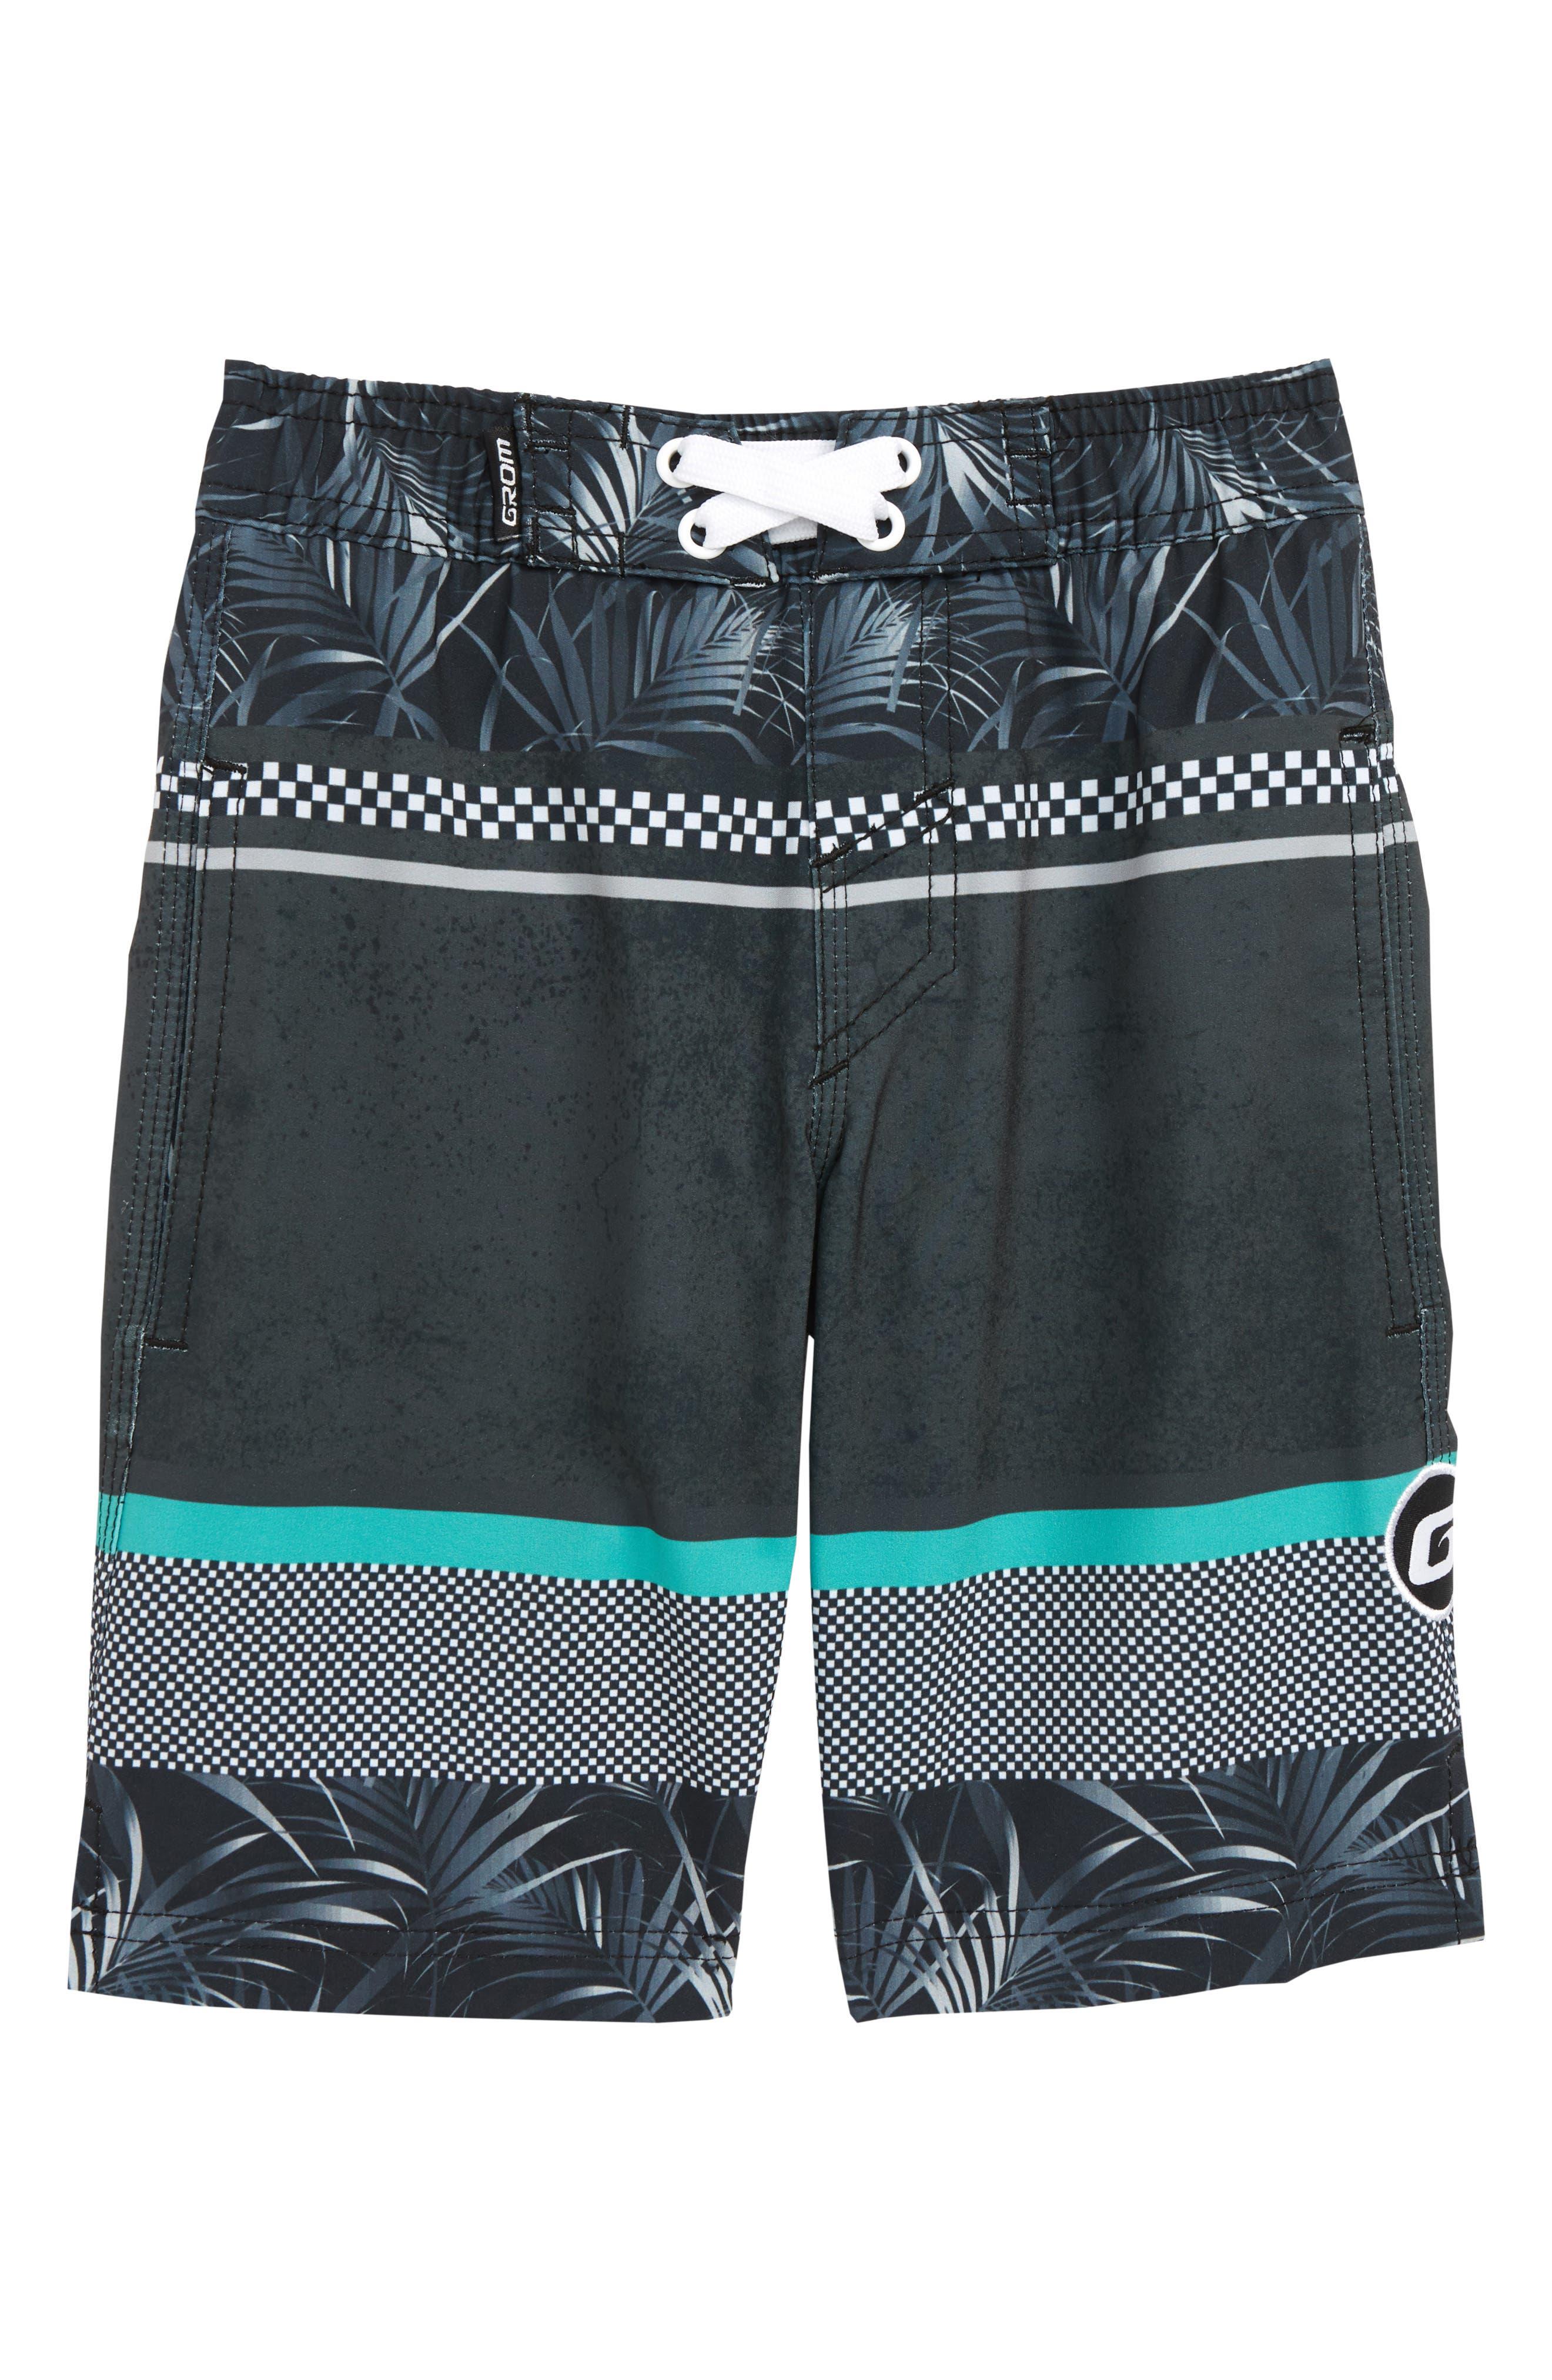 Beachbreak Board Shorts,                         Main,                         color, 001